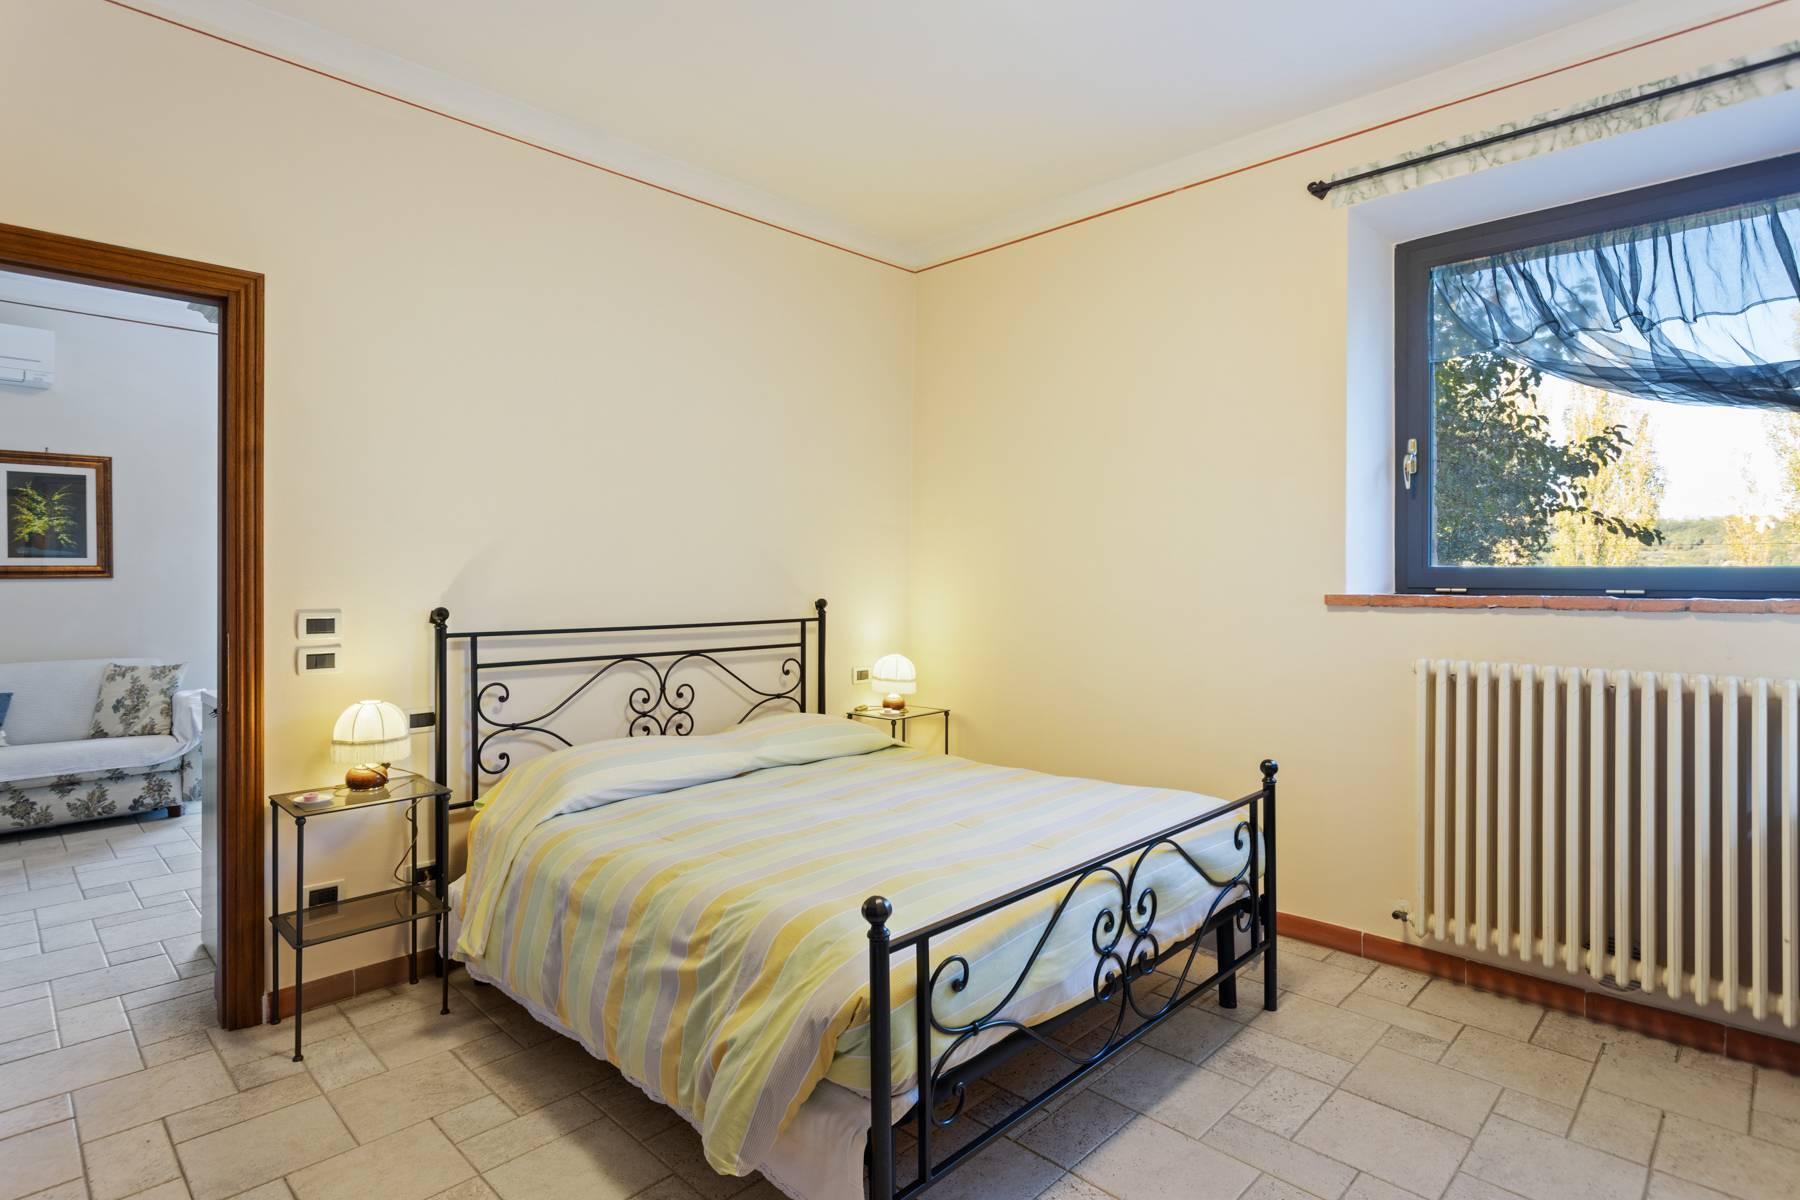 Casale con agriturismo e vigneto a pochi passi da Montepulciano - 21